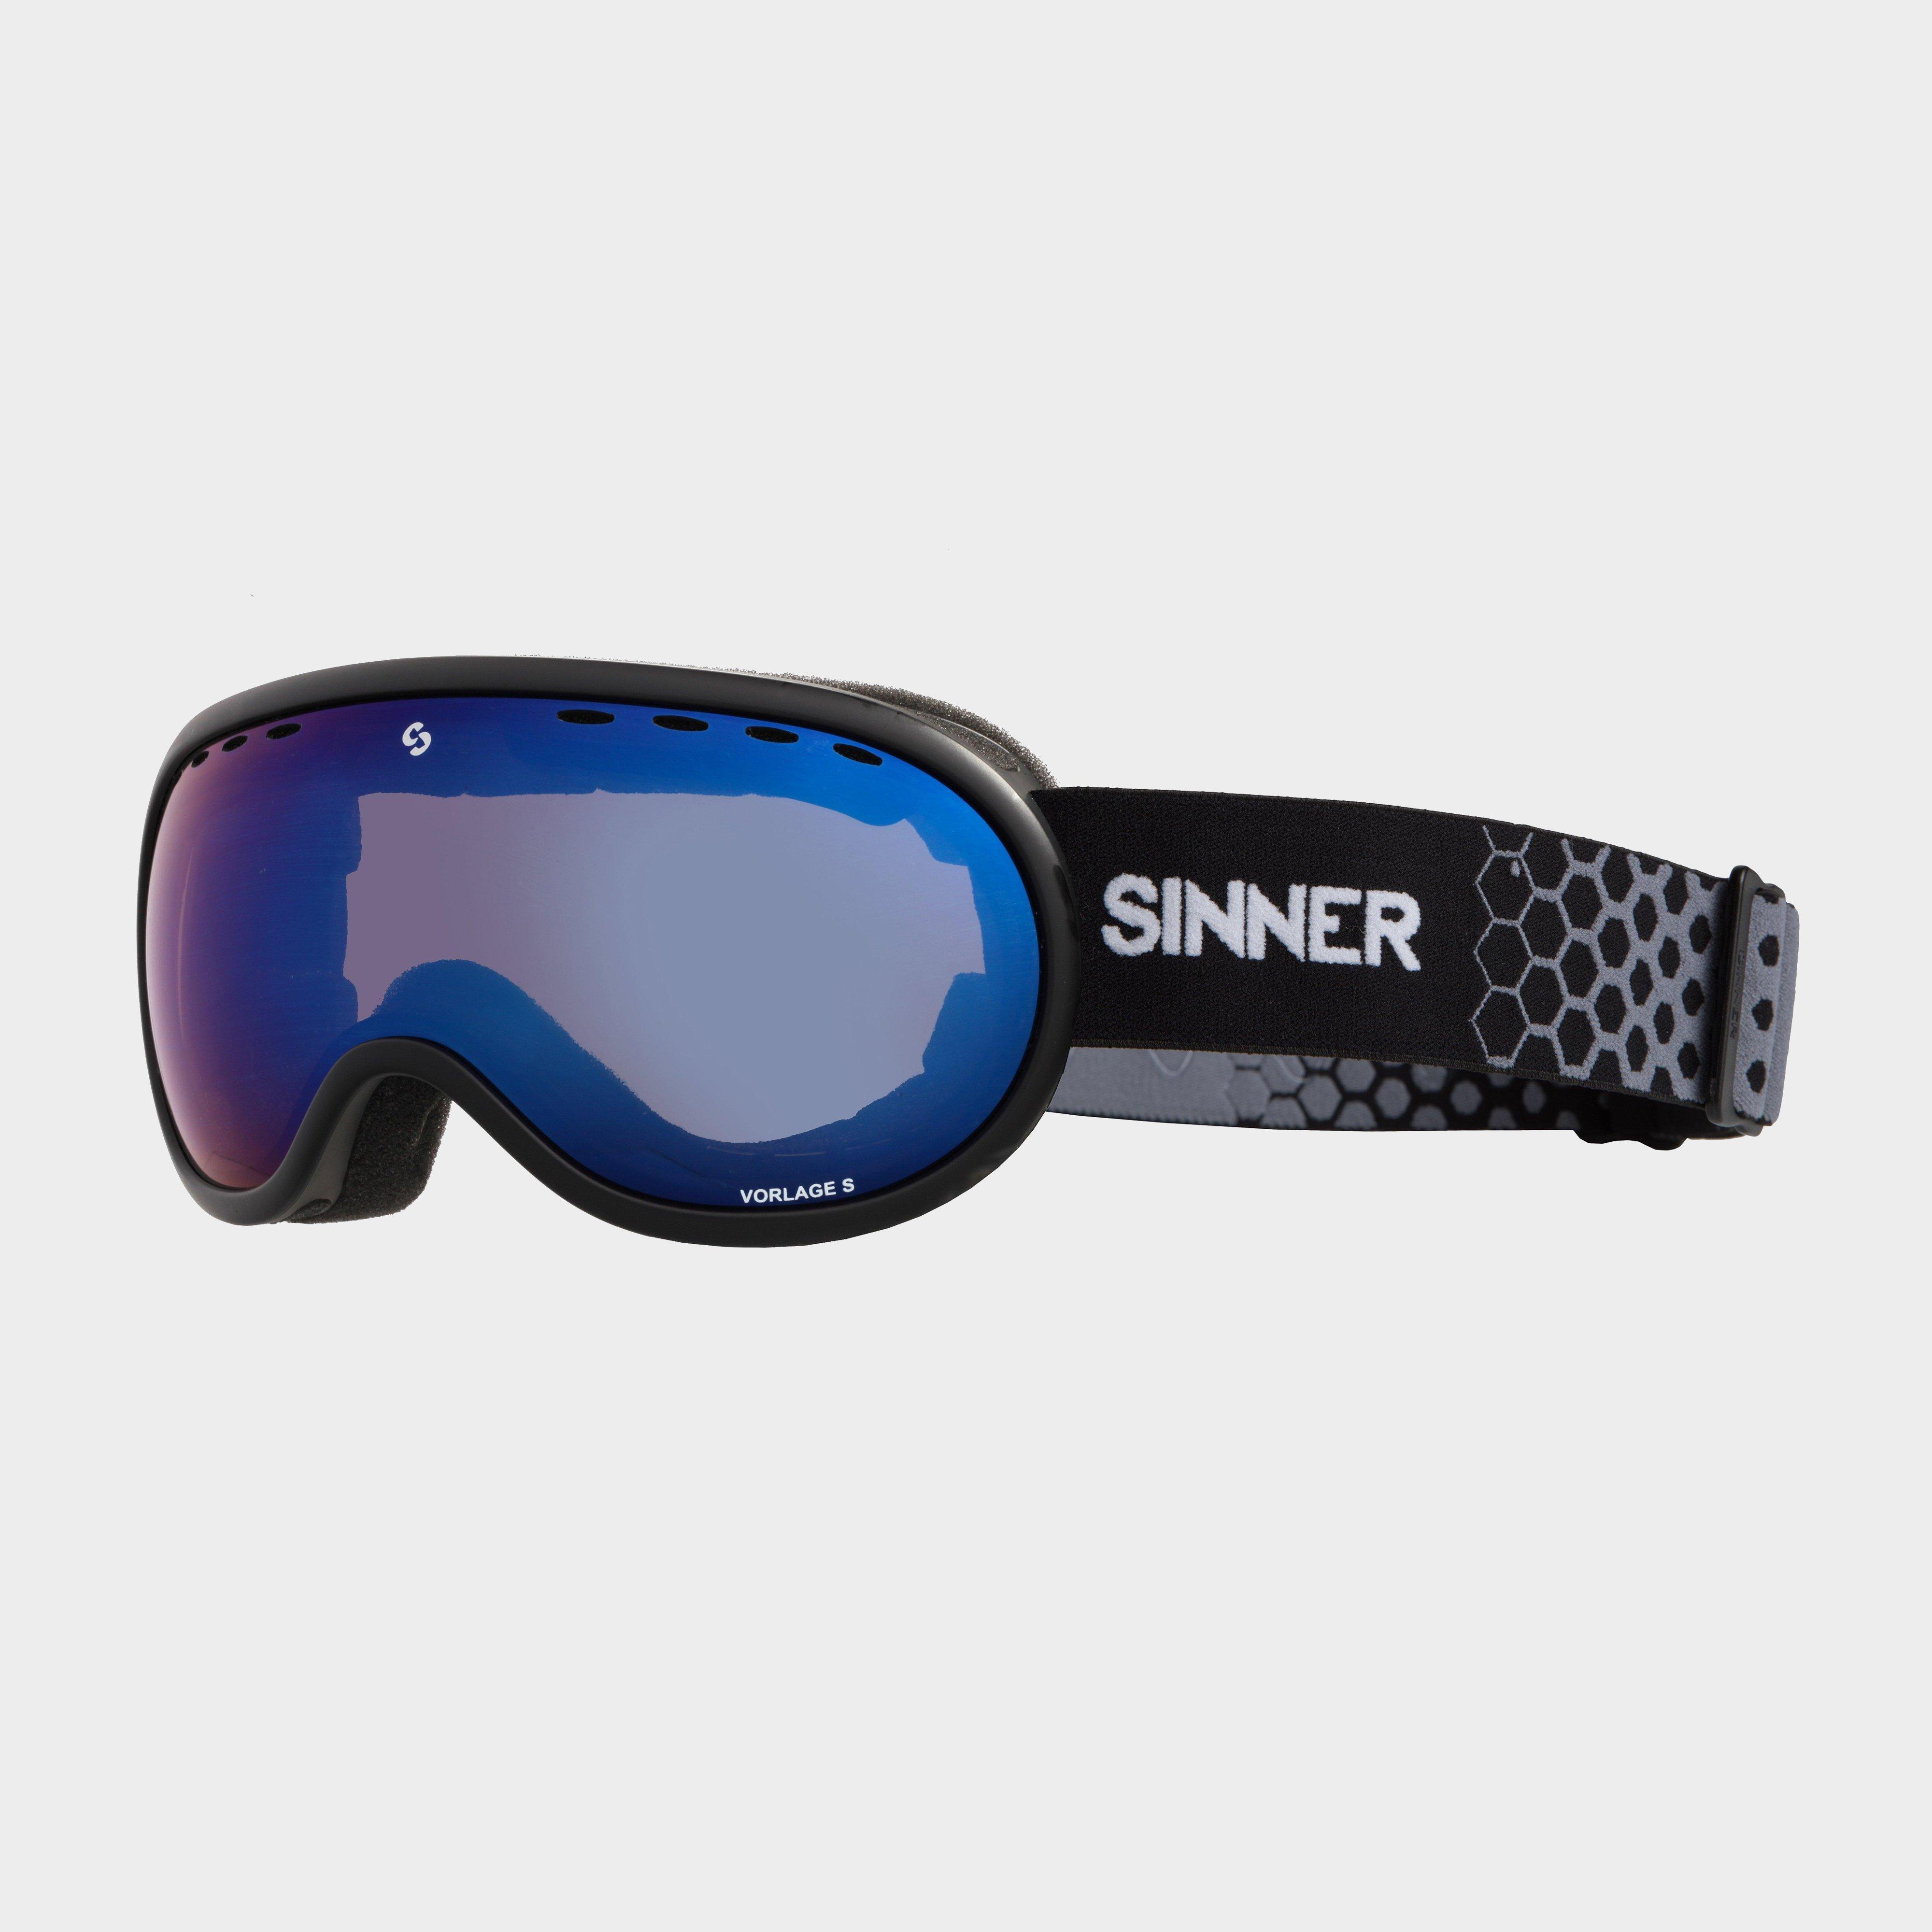 Sinner Vorlage S Blue Mirror Vent Goggles, Black/Blue